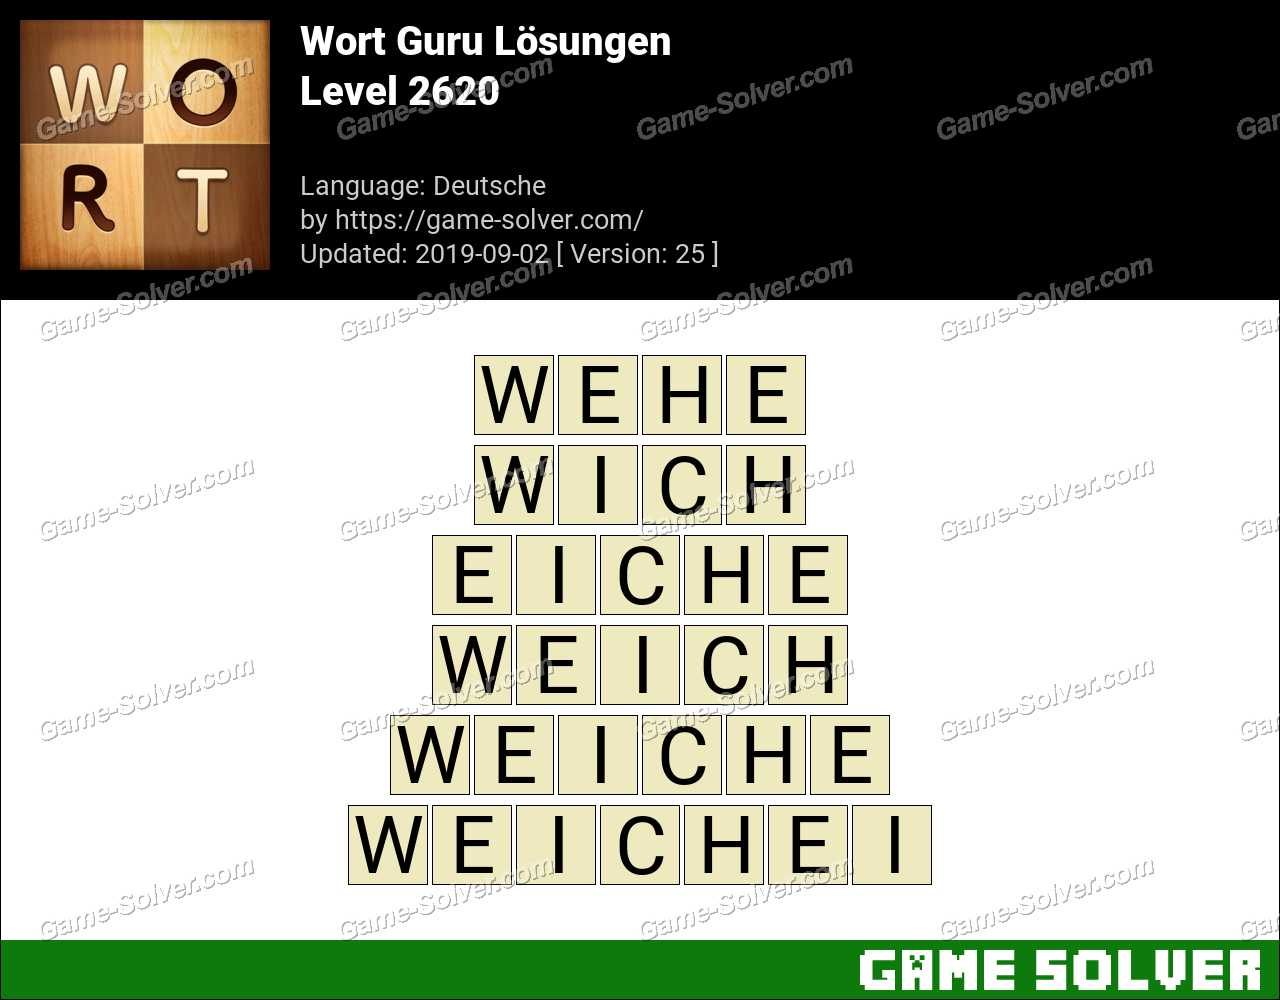 Wort Guru Level 2620 Lösungen